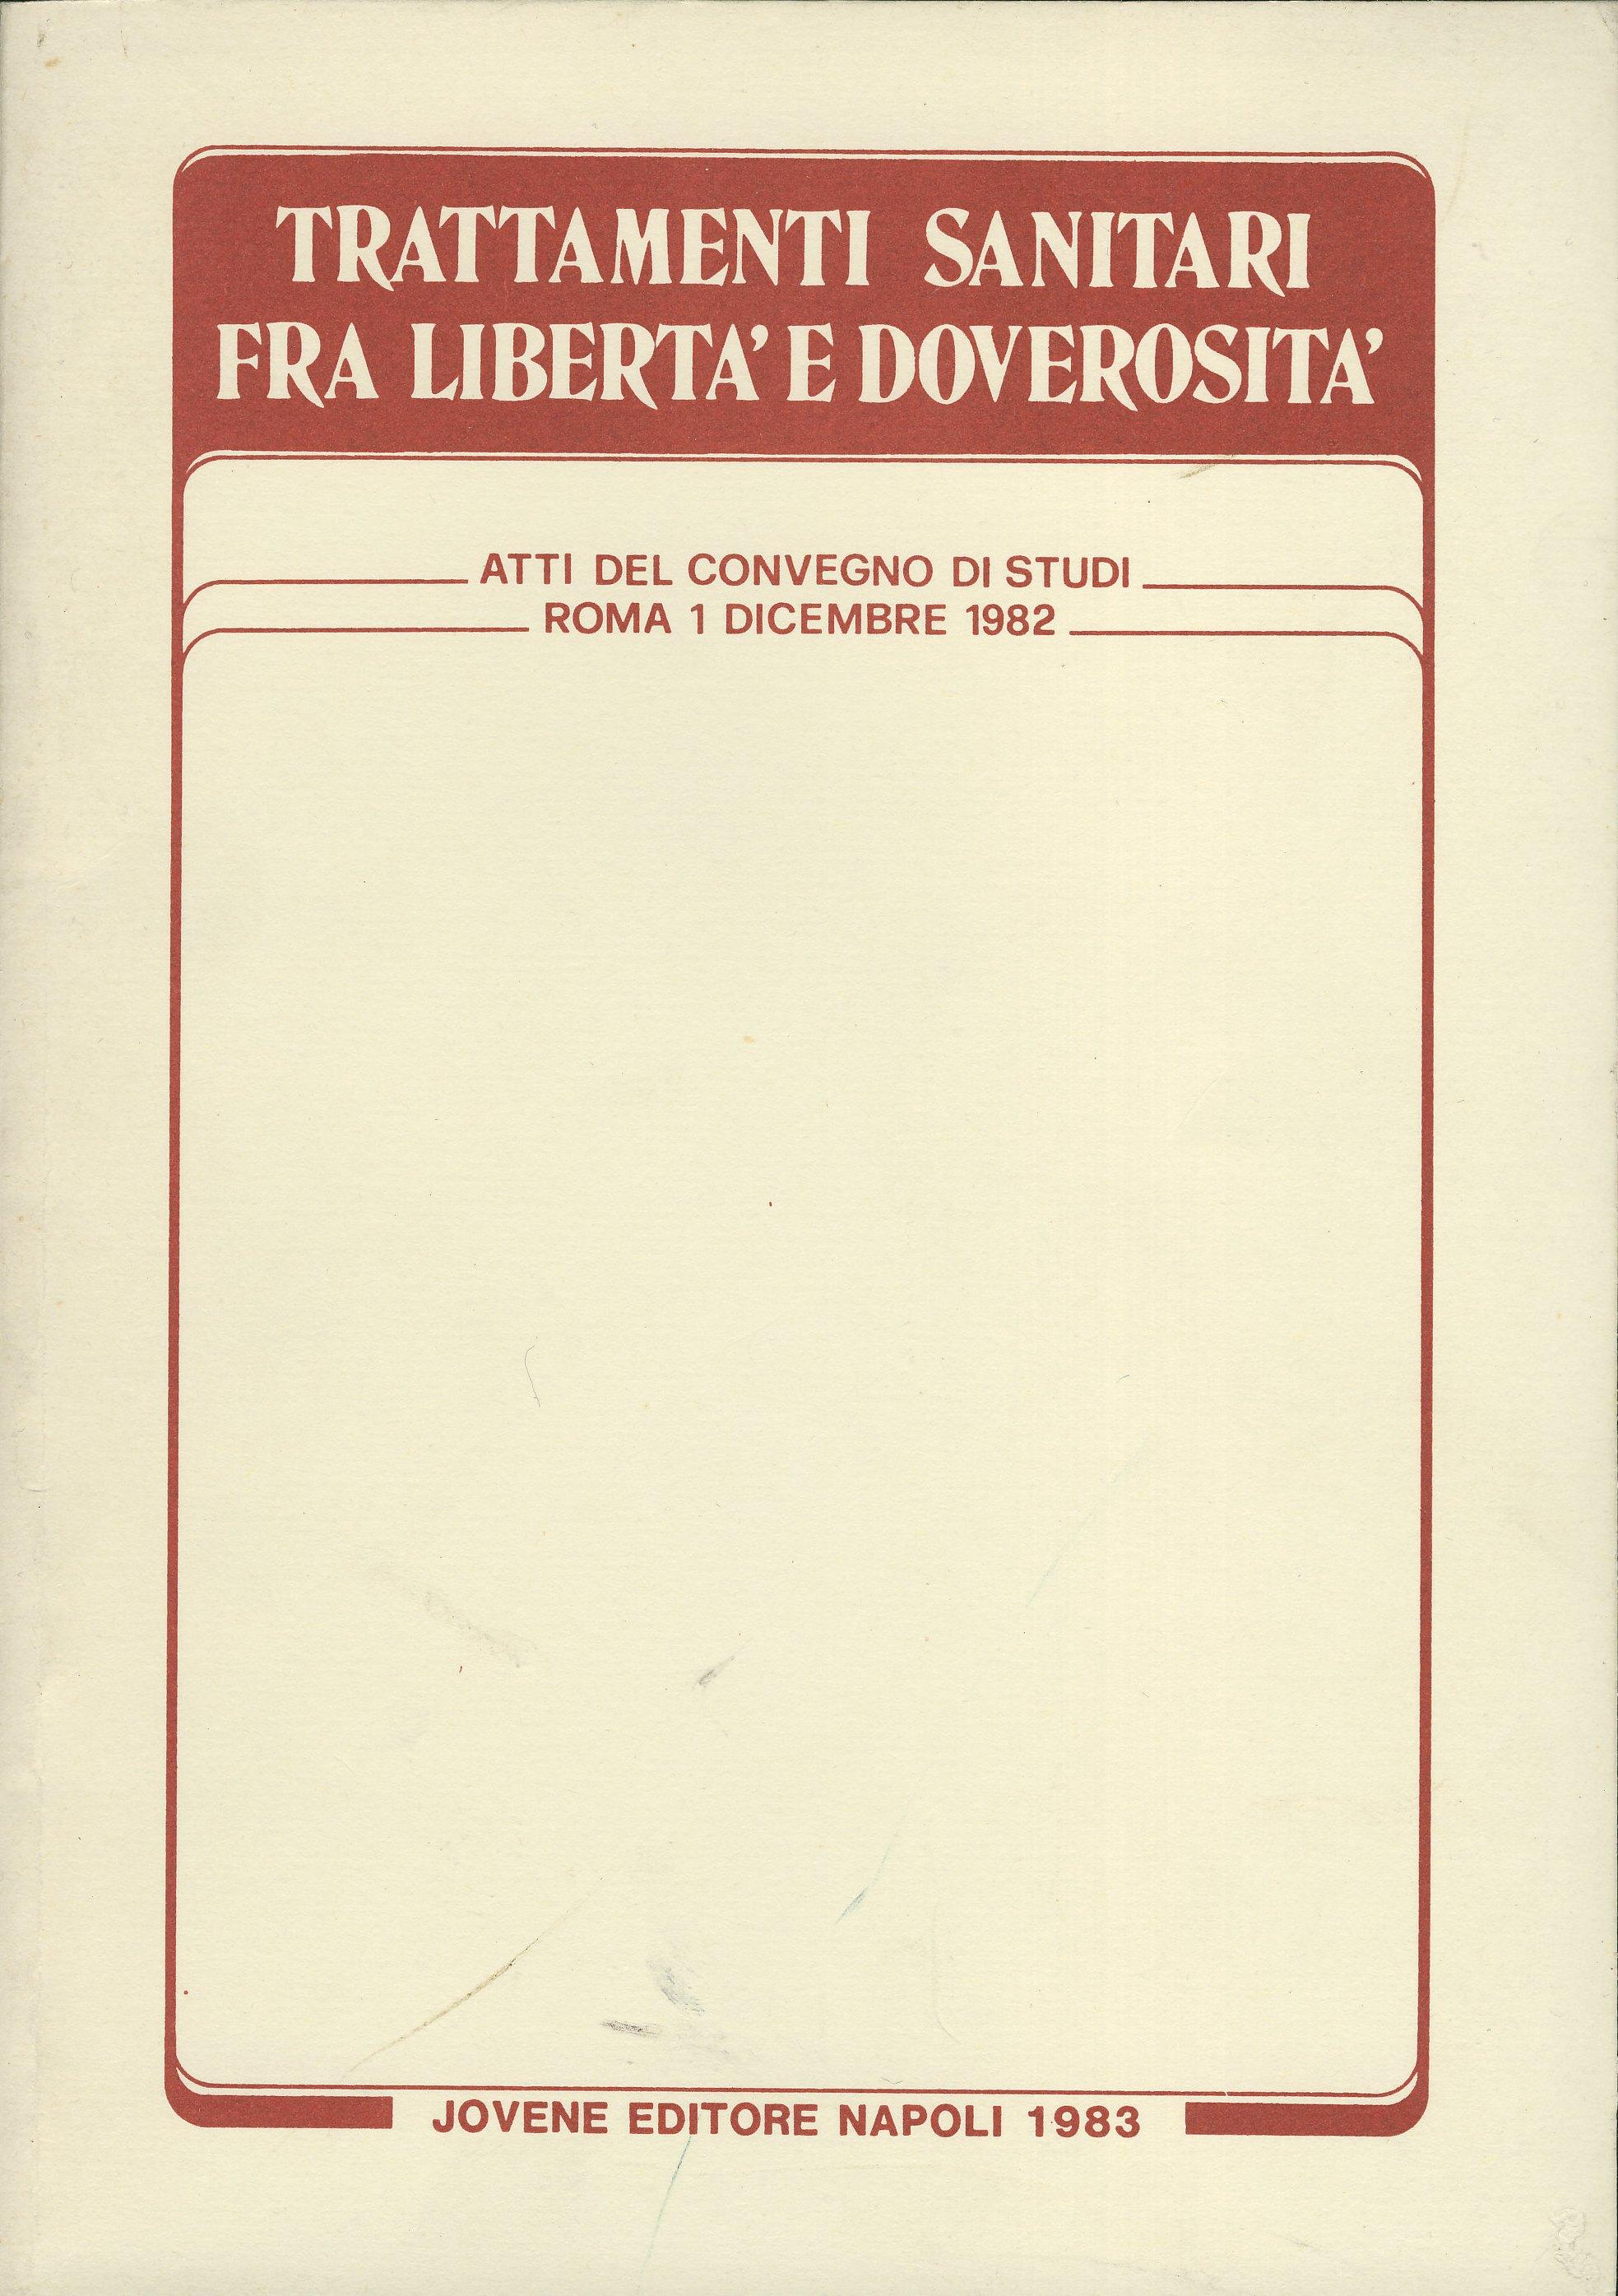 Trattamenti sanitari fra libertà e doverosità